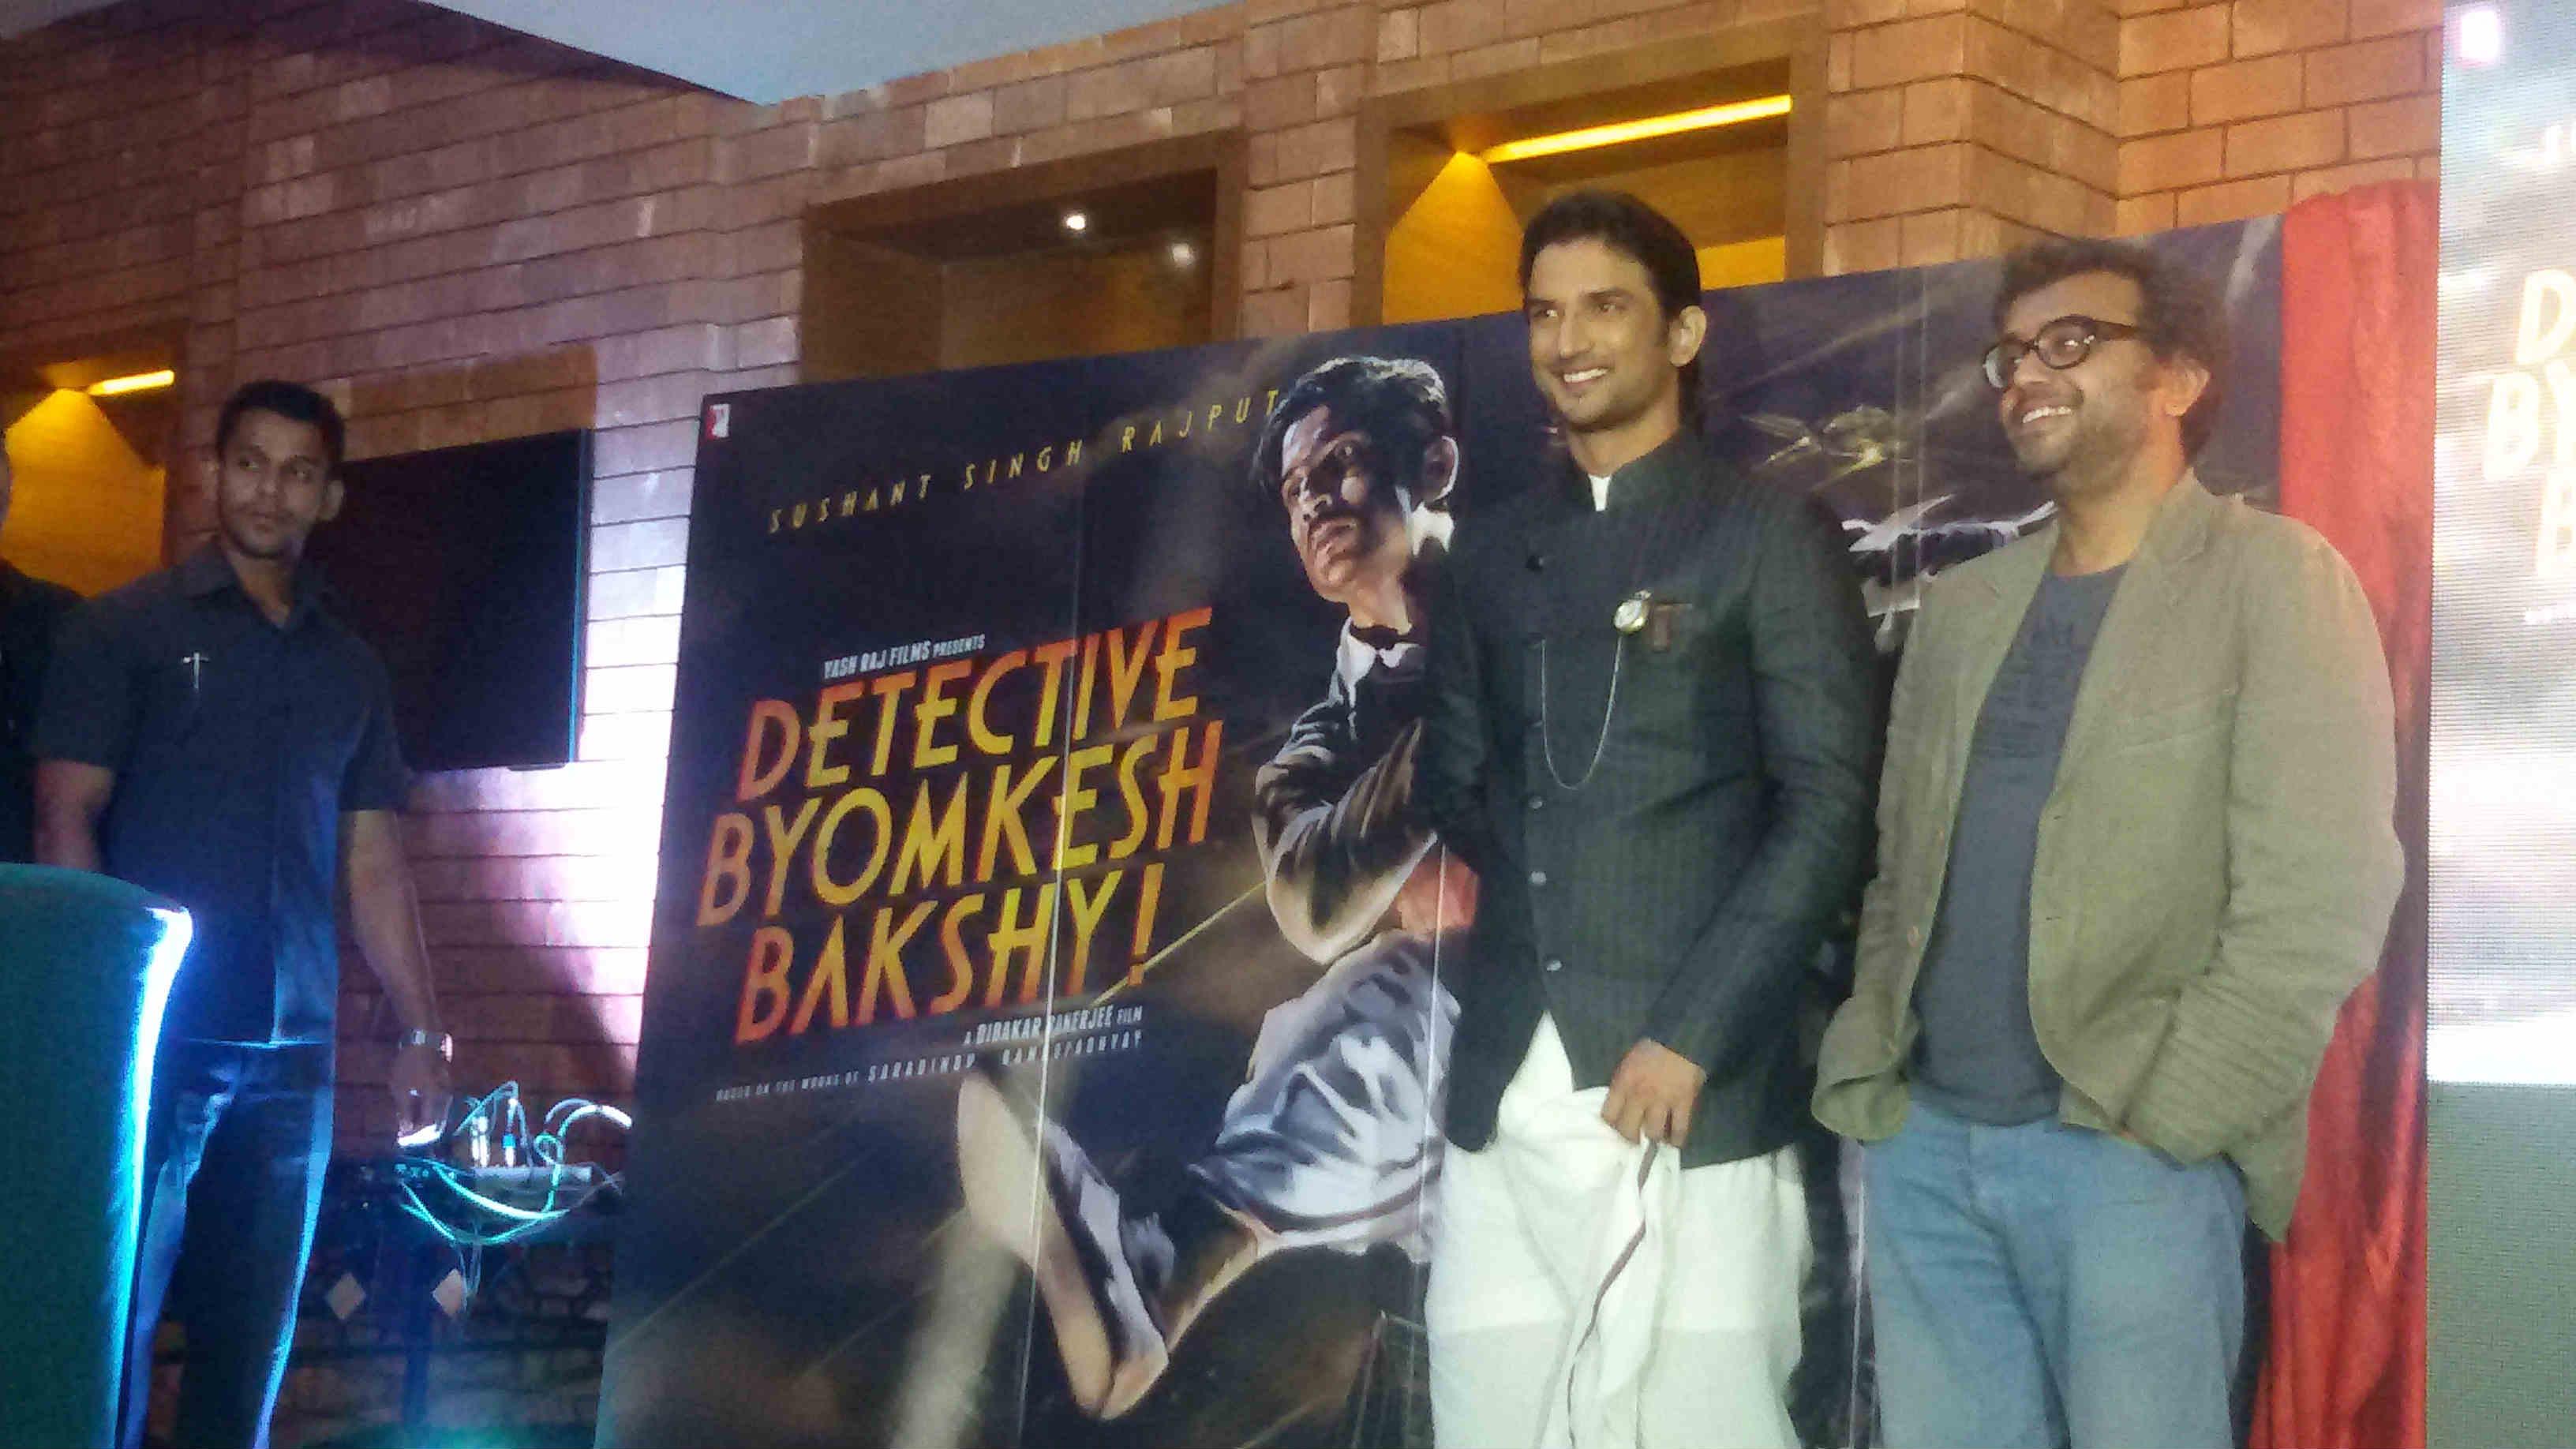 Sushant's Detective Byomkesh Bakshy trailer released